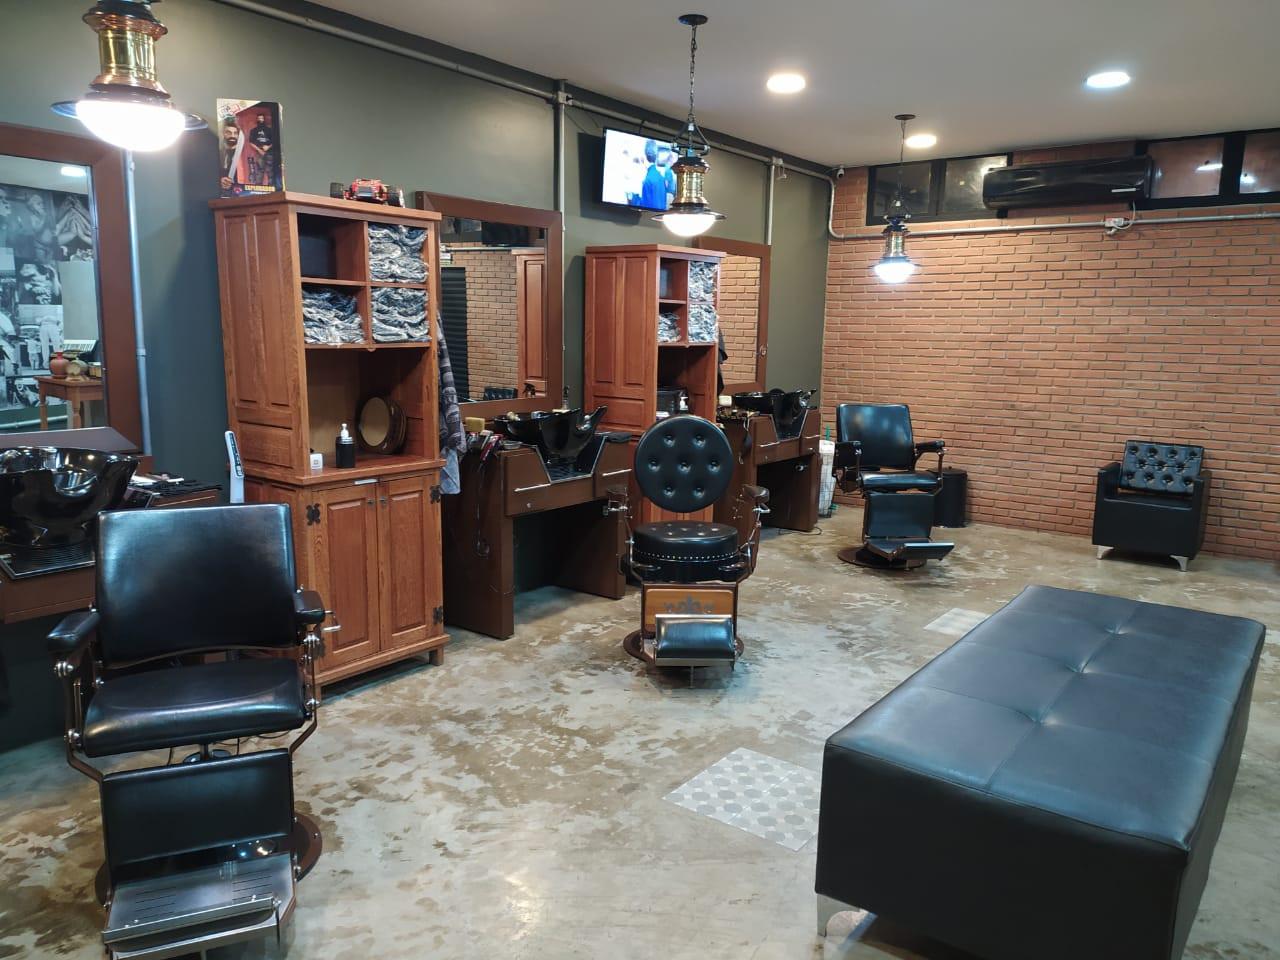 Barbearia Aprigio - Barbearia em Sumaré/SP